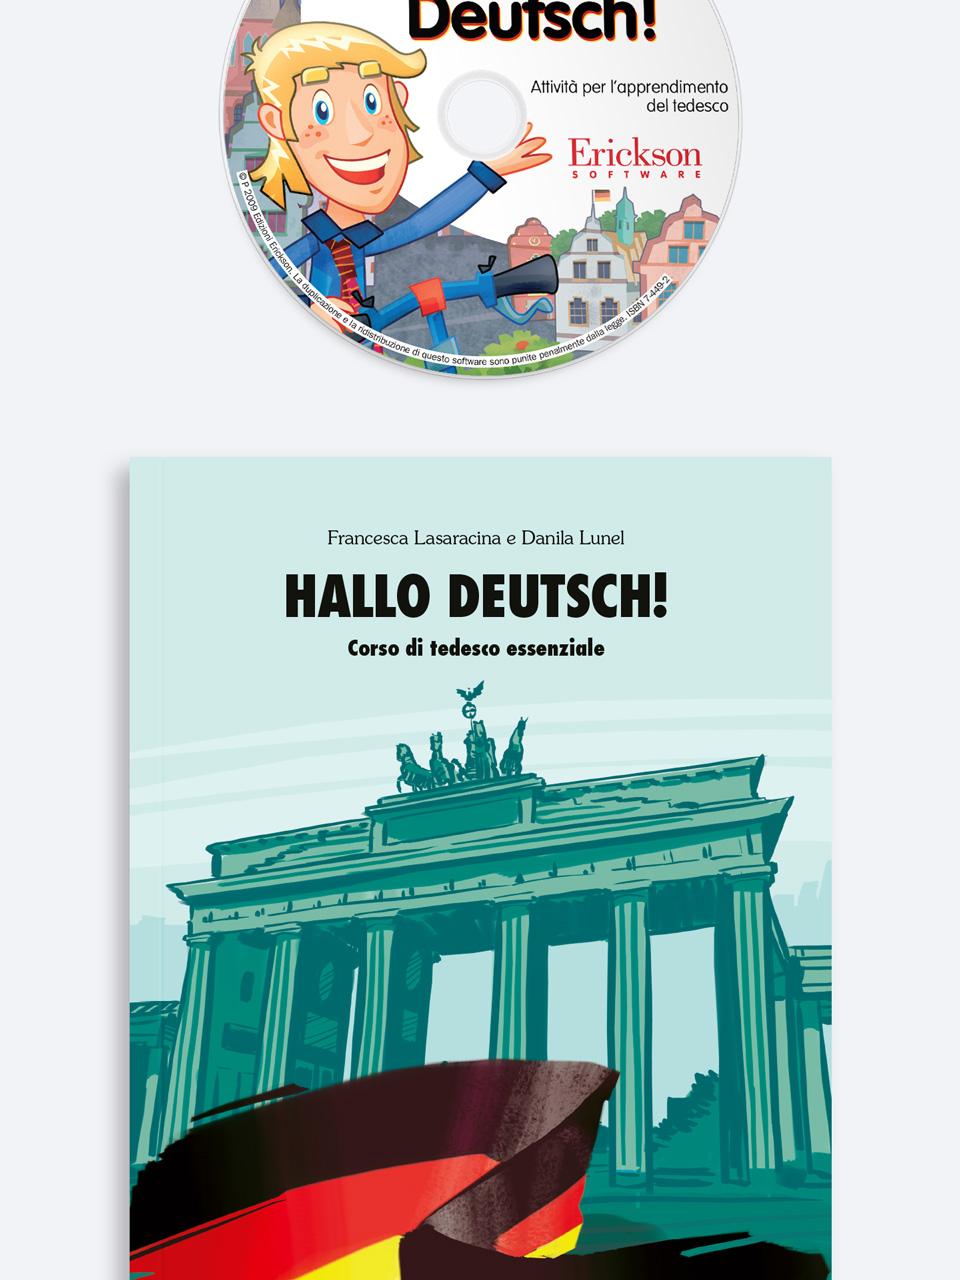 Hallo Deutsch! - My First Word Games - App e software - Erickson 3